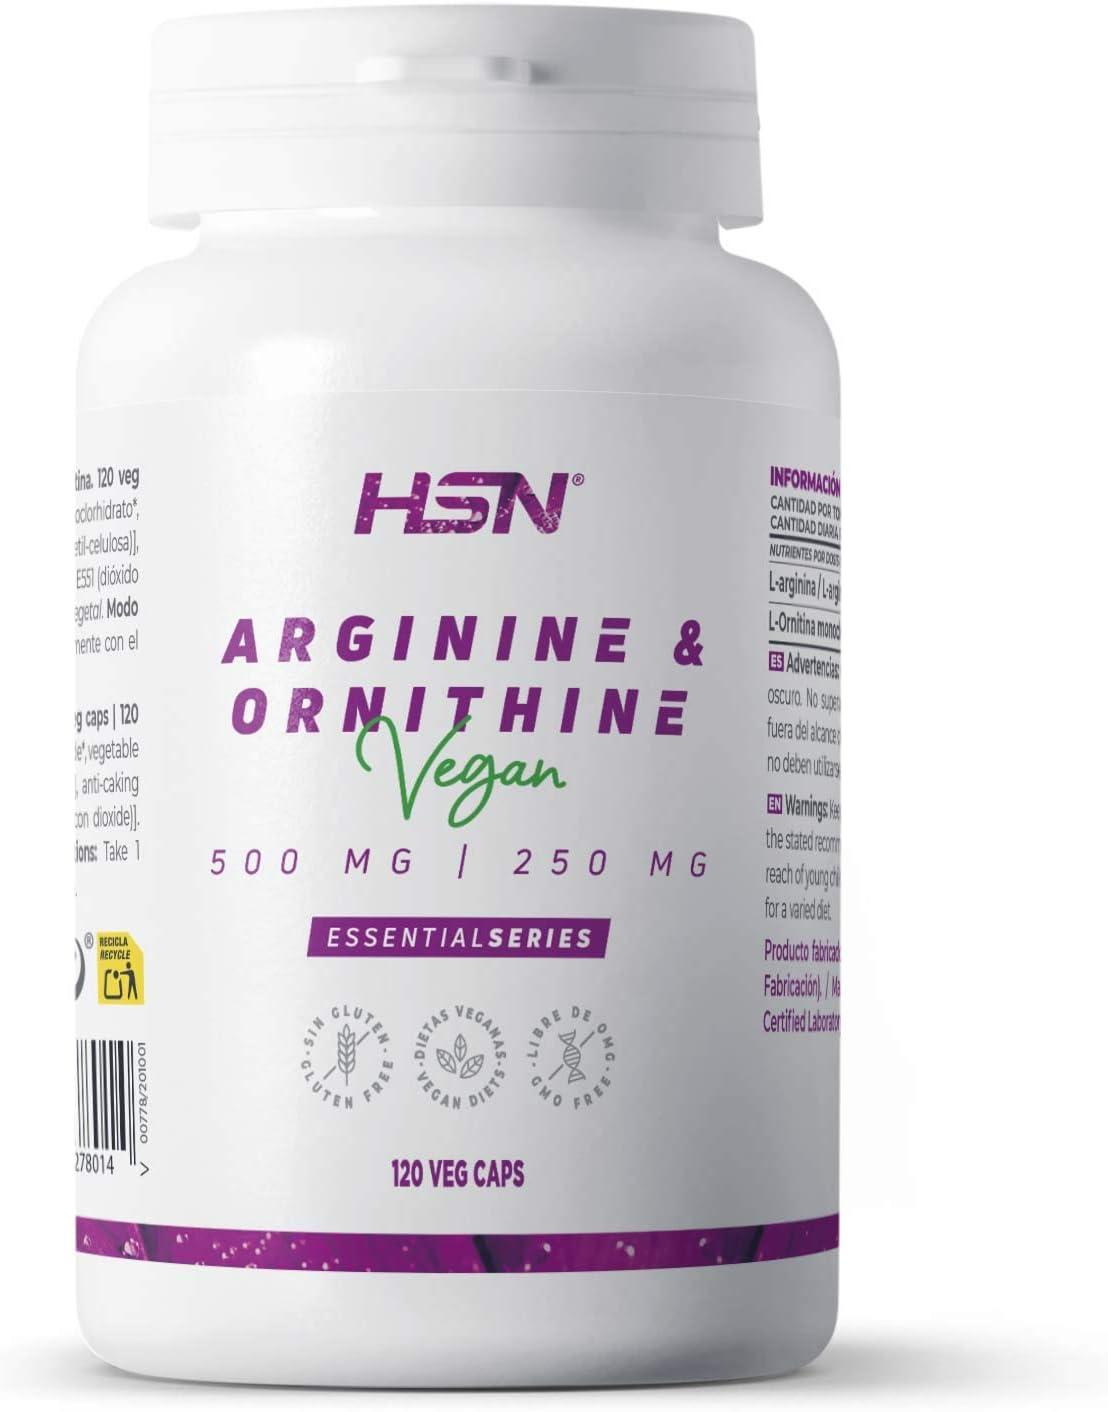 HSN Arginina y Ornitina 500mg / 250mg | Aminoácidos para Masa Muscular, Óxido Nítrico, Vegano, Sin Gluten, Sin Lactosa, 120 Cápsulas Vegetales